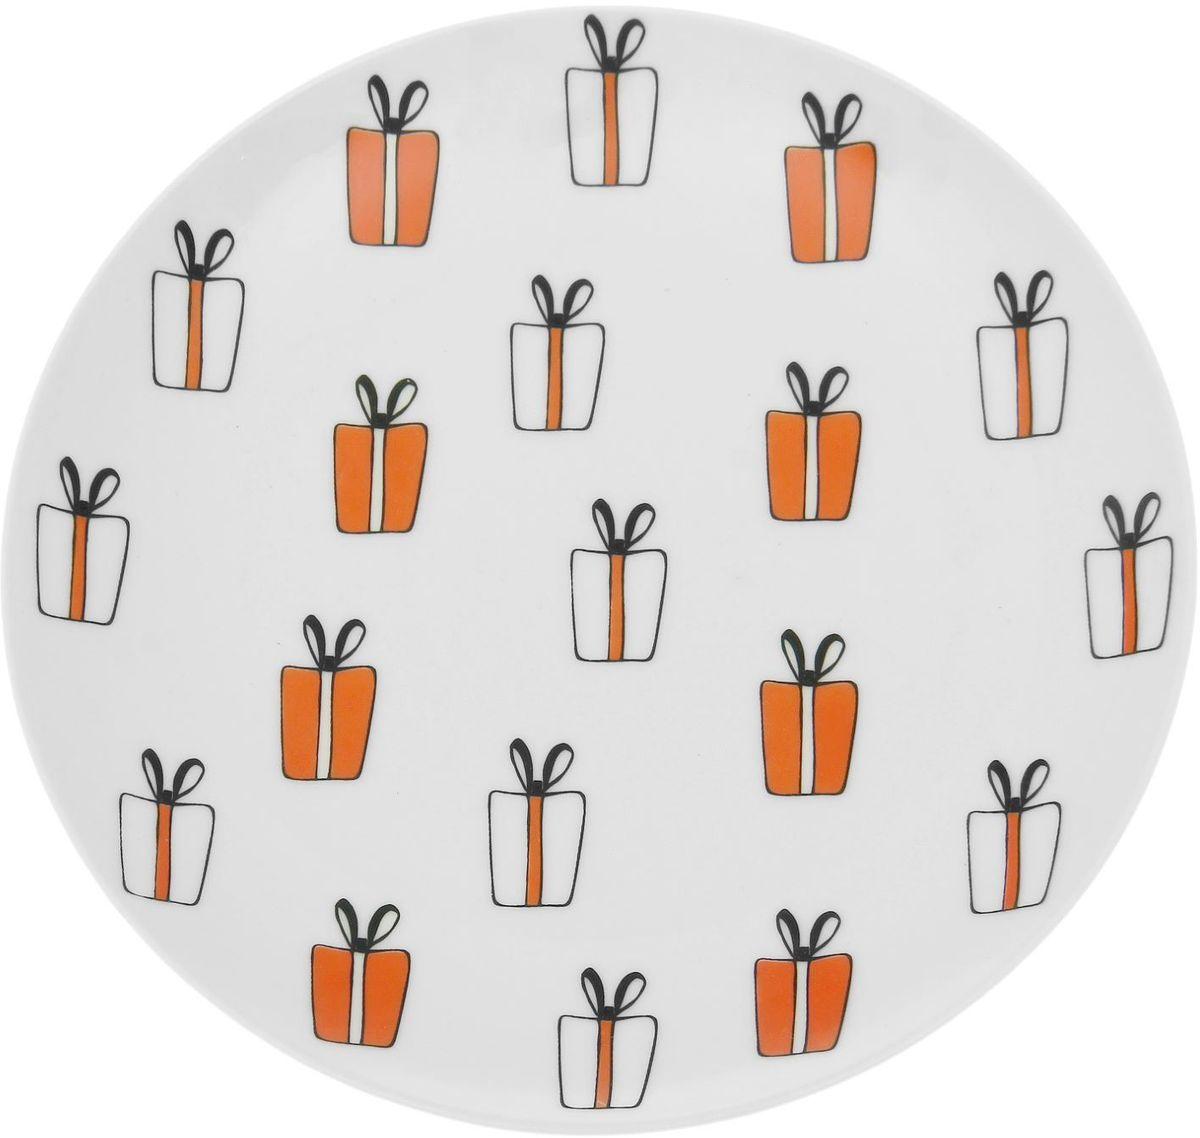 Тарелка мелкая Сотвори чудо My Happy Gifts, диаметр 20 смFS-91909Хотите обновить интерьер кухни или гостиной? Устраиваете необычную фотосессию или тематический праздник? А может, просто ищете подарок для близкого человека? Посуда Сотвори Чудо — правильный выбор в любой ситуации. Тарелка Сотвори Чудо, изготовленная из изящного фаянса нежного сливочного цвета, оформлена оригинальным рисунком со стойкой краской. Пригодна для посудомоечной машины.